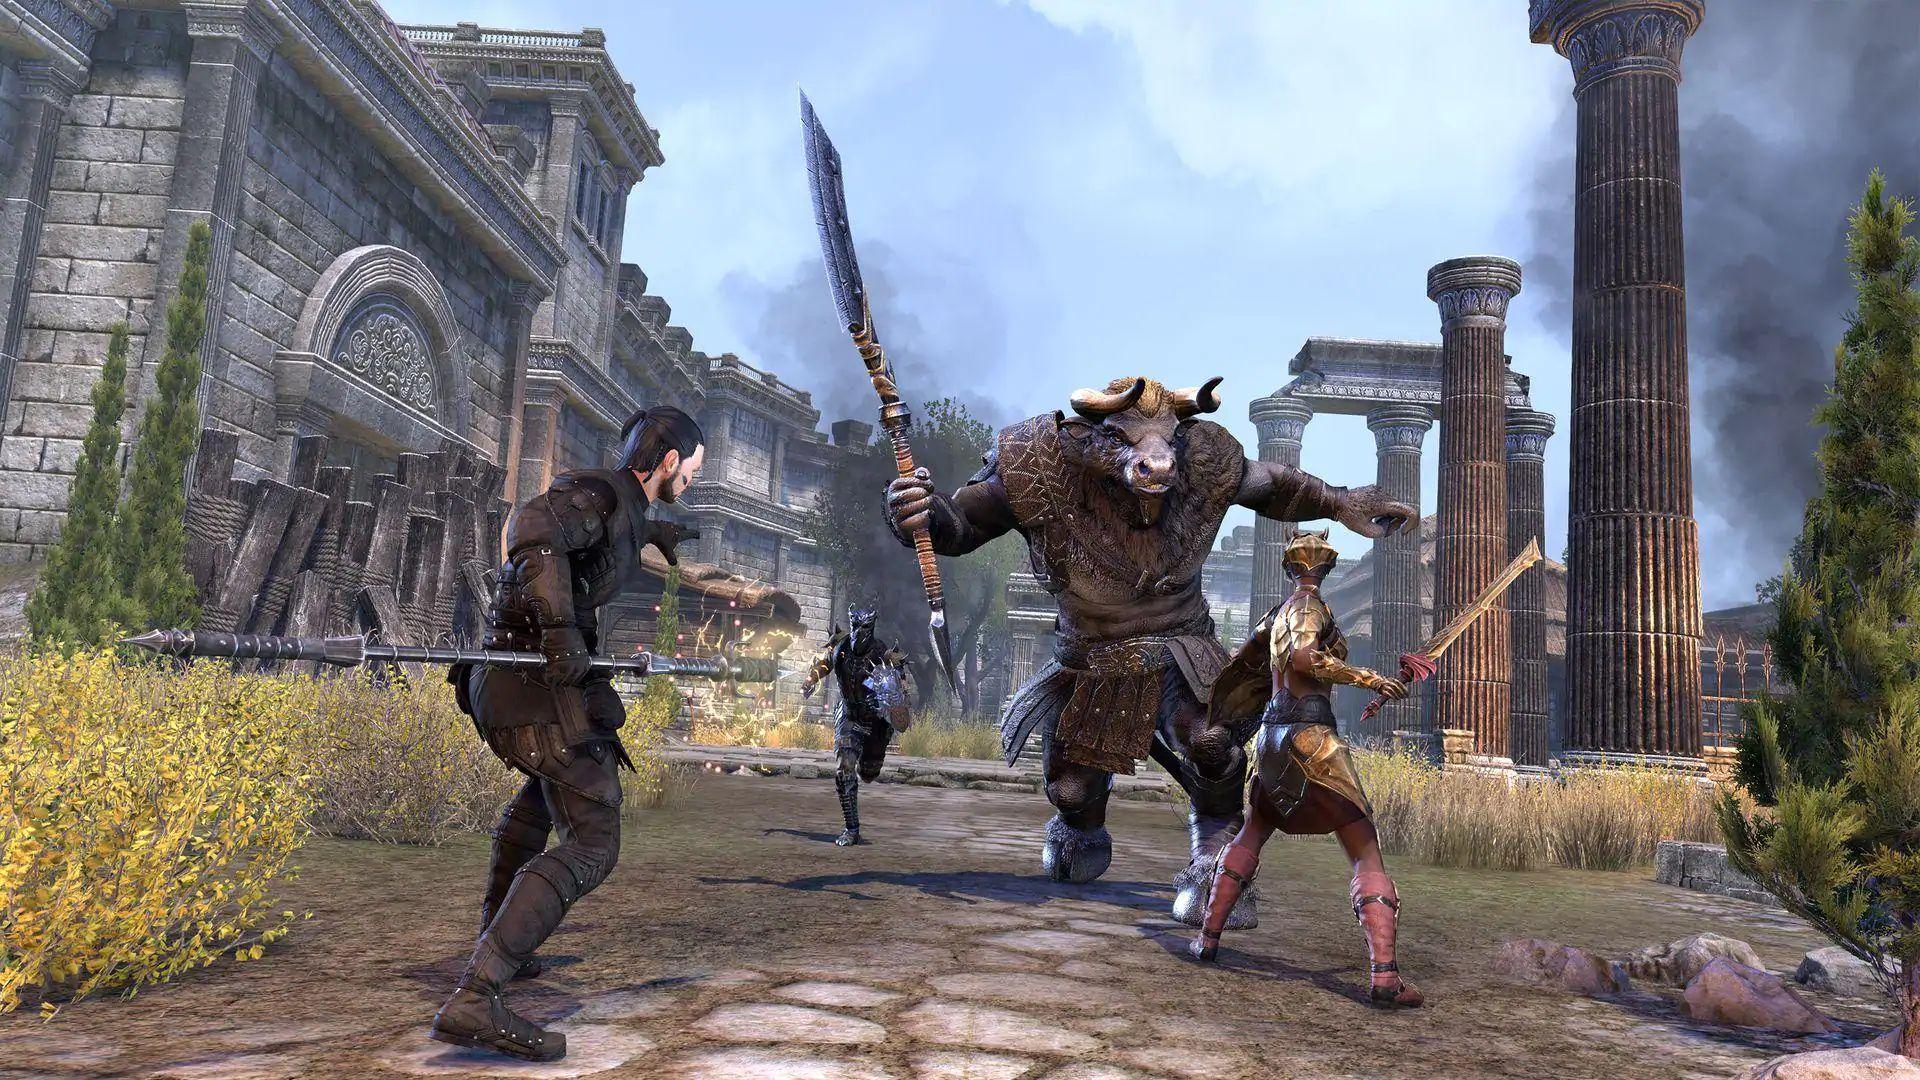 Elder Scrolls Online's new villa dungeon has some of the best bosses yet